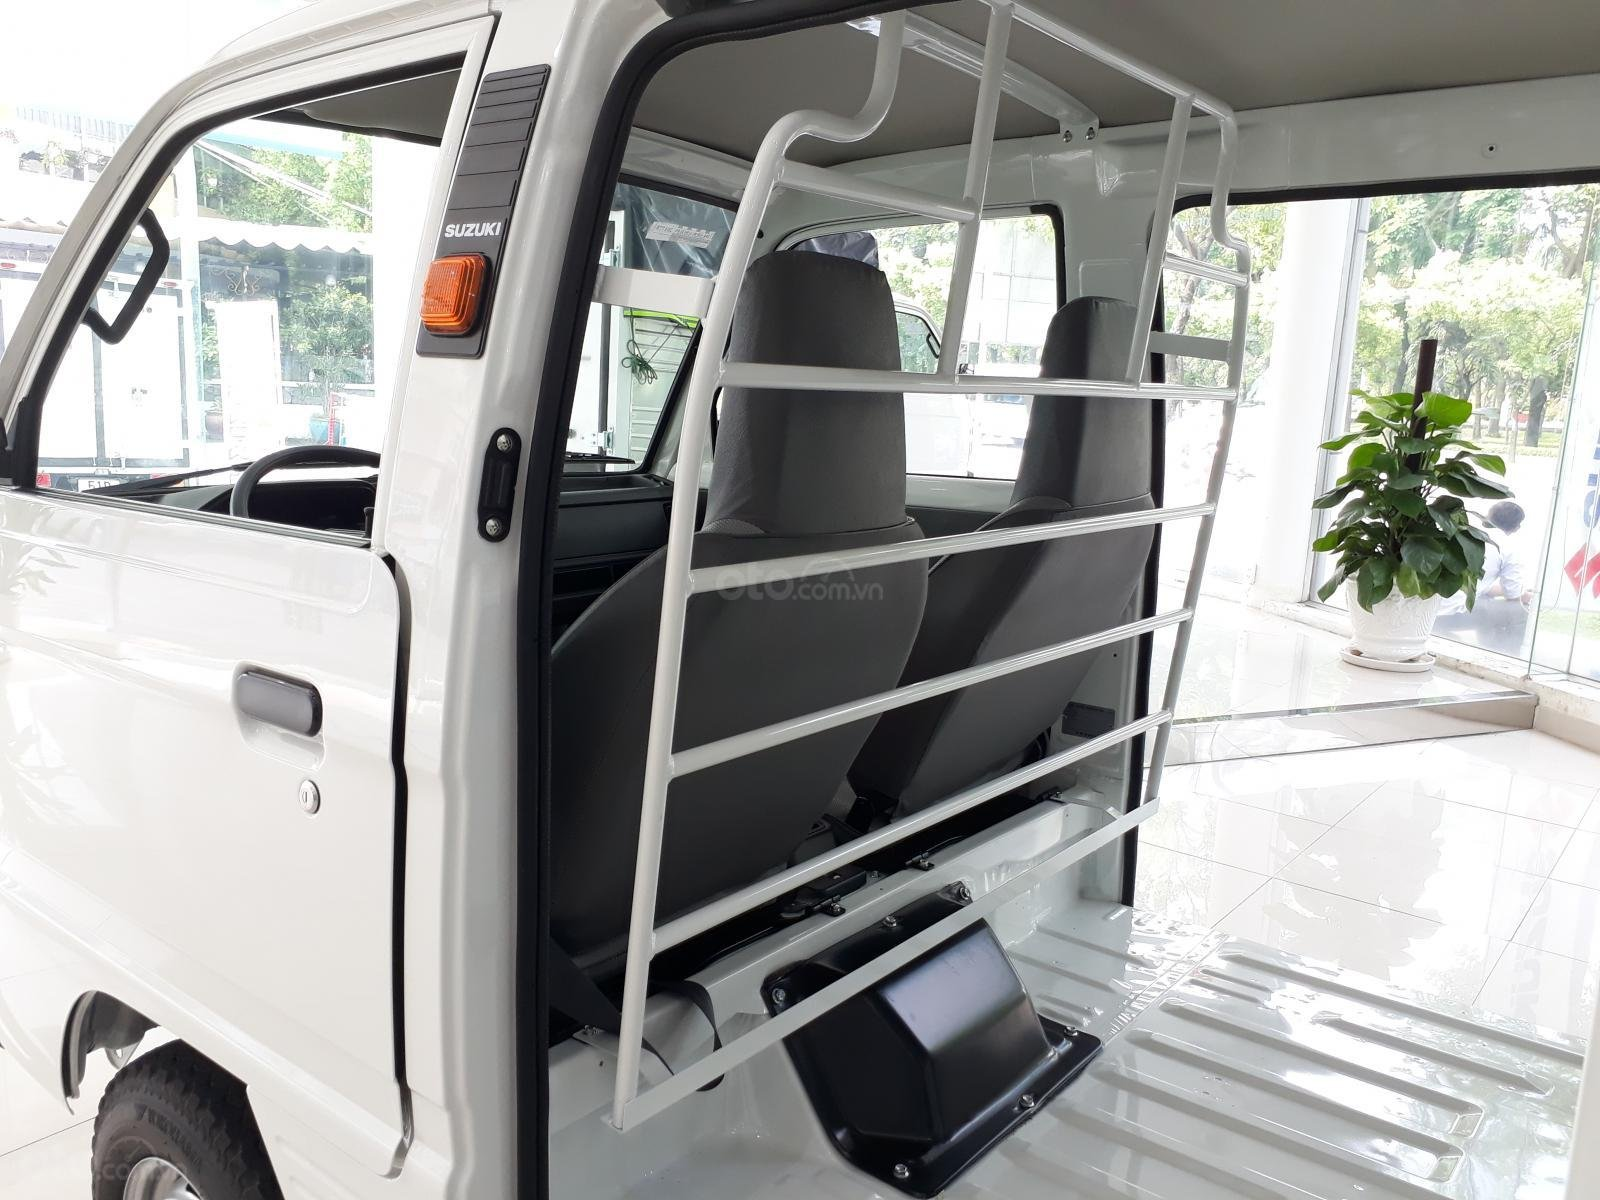 Xe tải Suzuki Blind Van 2020 chạy giờ cao điểm, giá ưu đãi 50% thuế trước bạ (7)